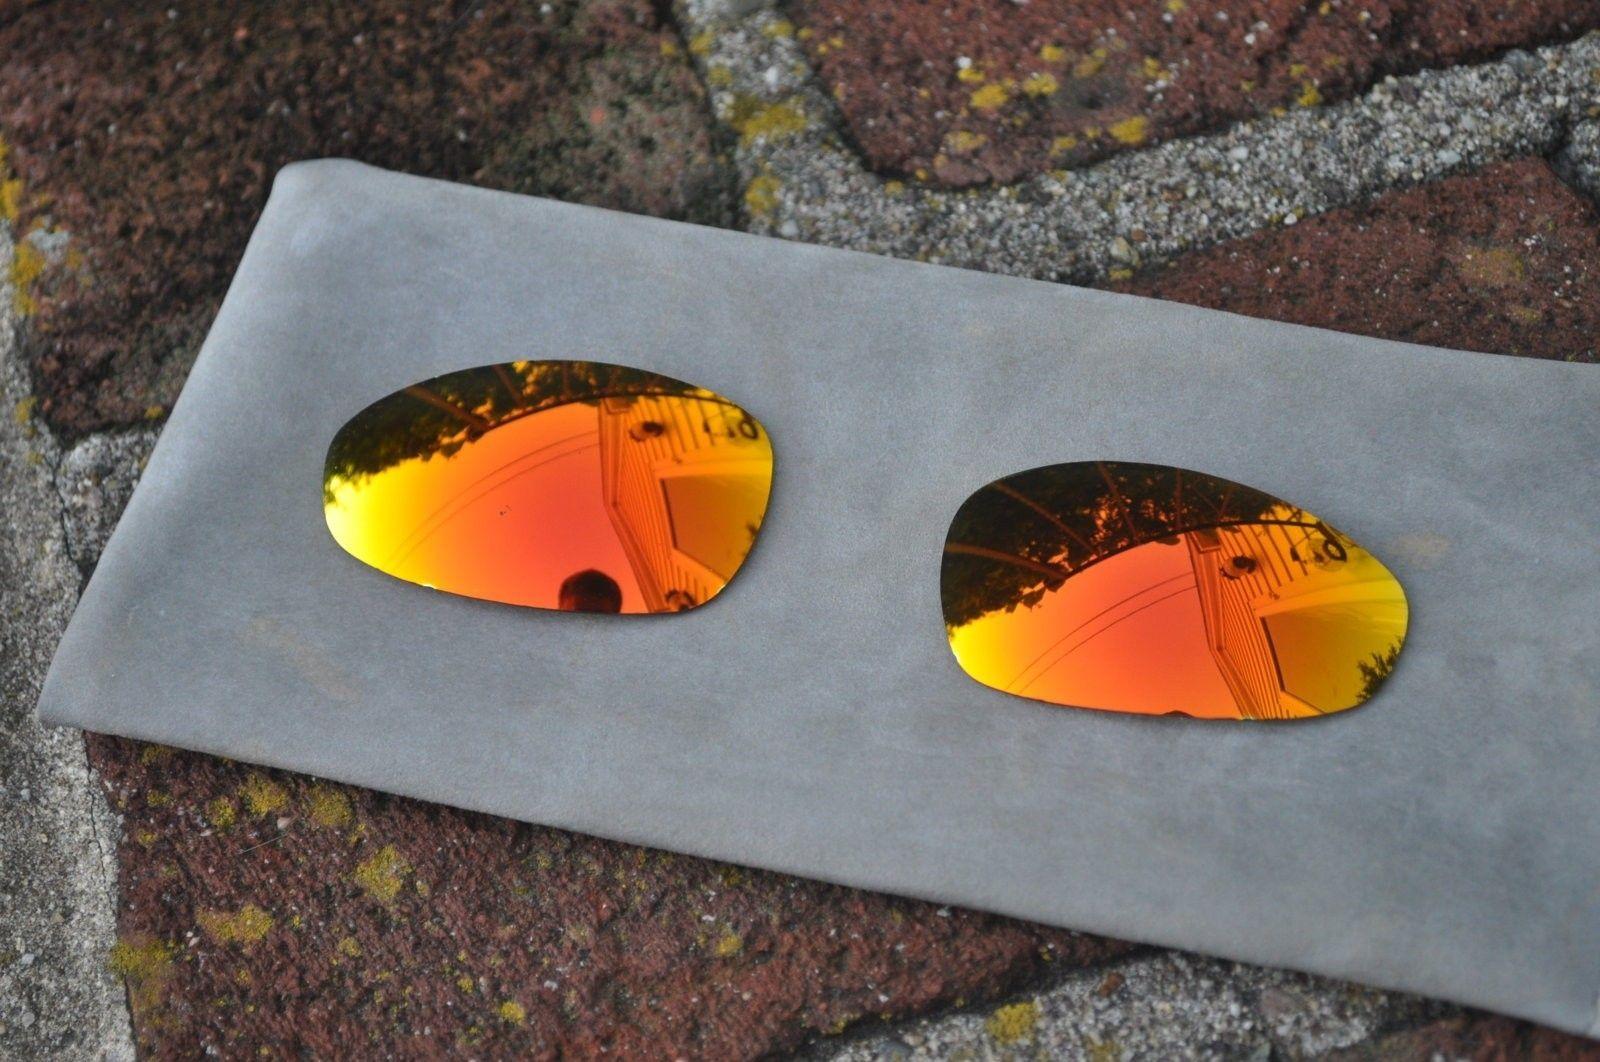 OEM Fire Iridium Juliet lens 7.5/10 - DSC_0298.JPG